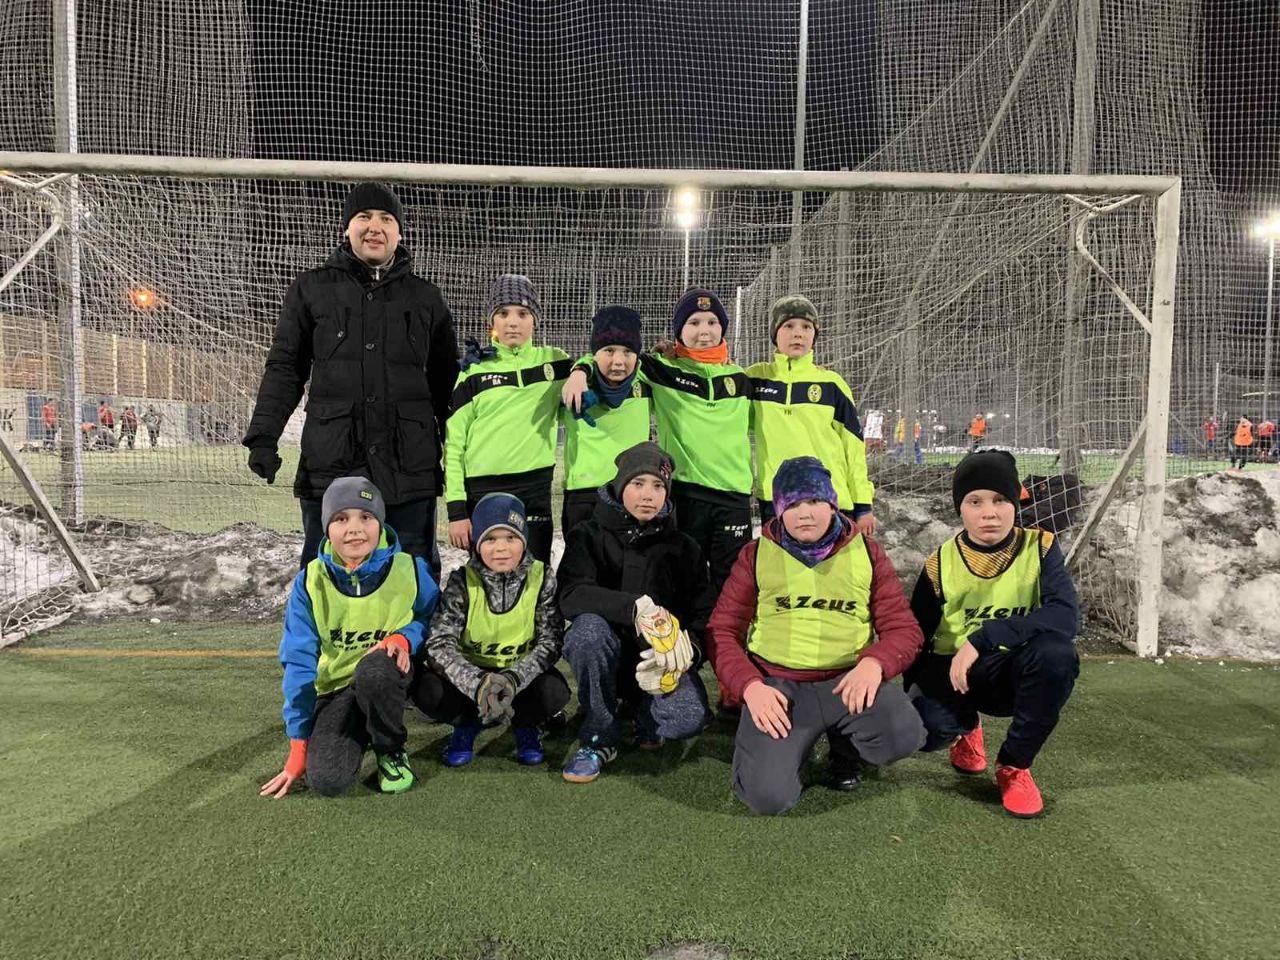 Команда «Харківського колегіума» здобула перемогу з рахунком 10:2